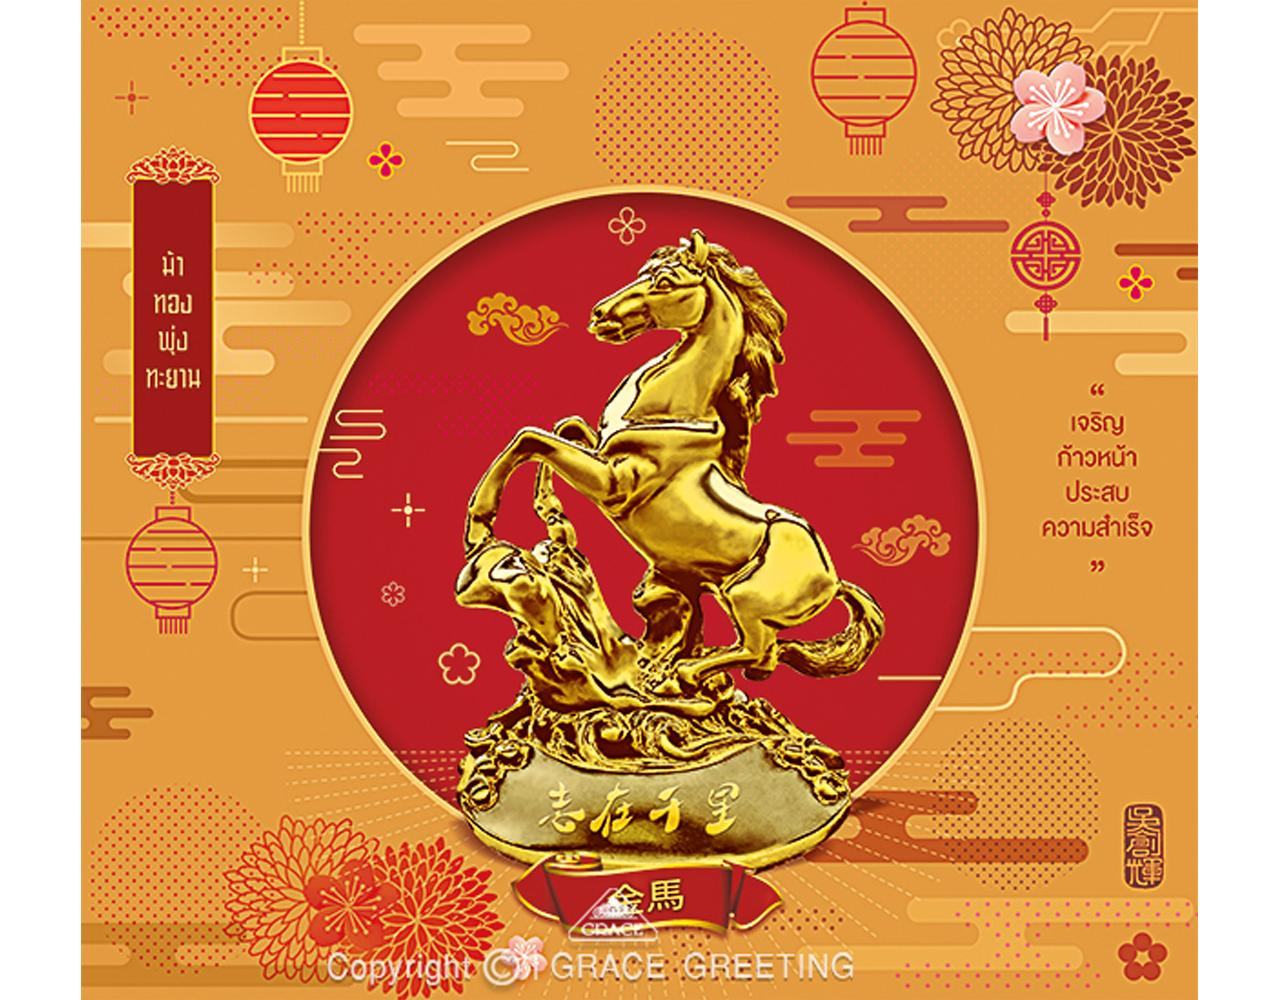 ปฏิทินตั้งโต๊ะ ปี 2562 CT.6210 มงคลจีน 2019 Oct